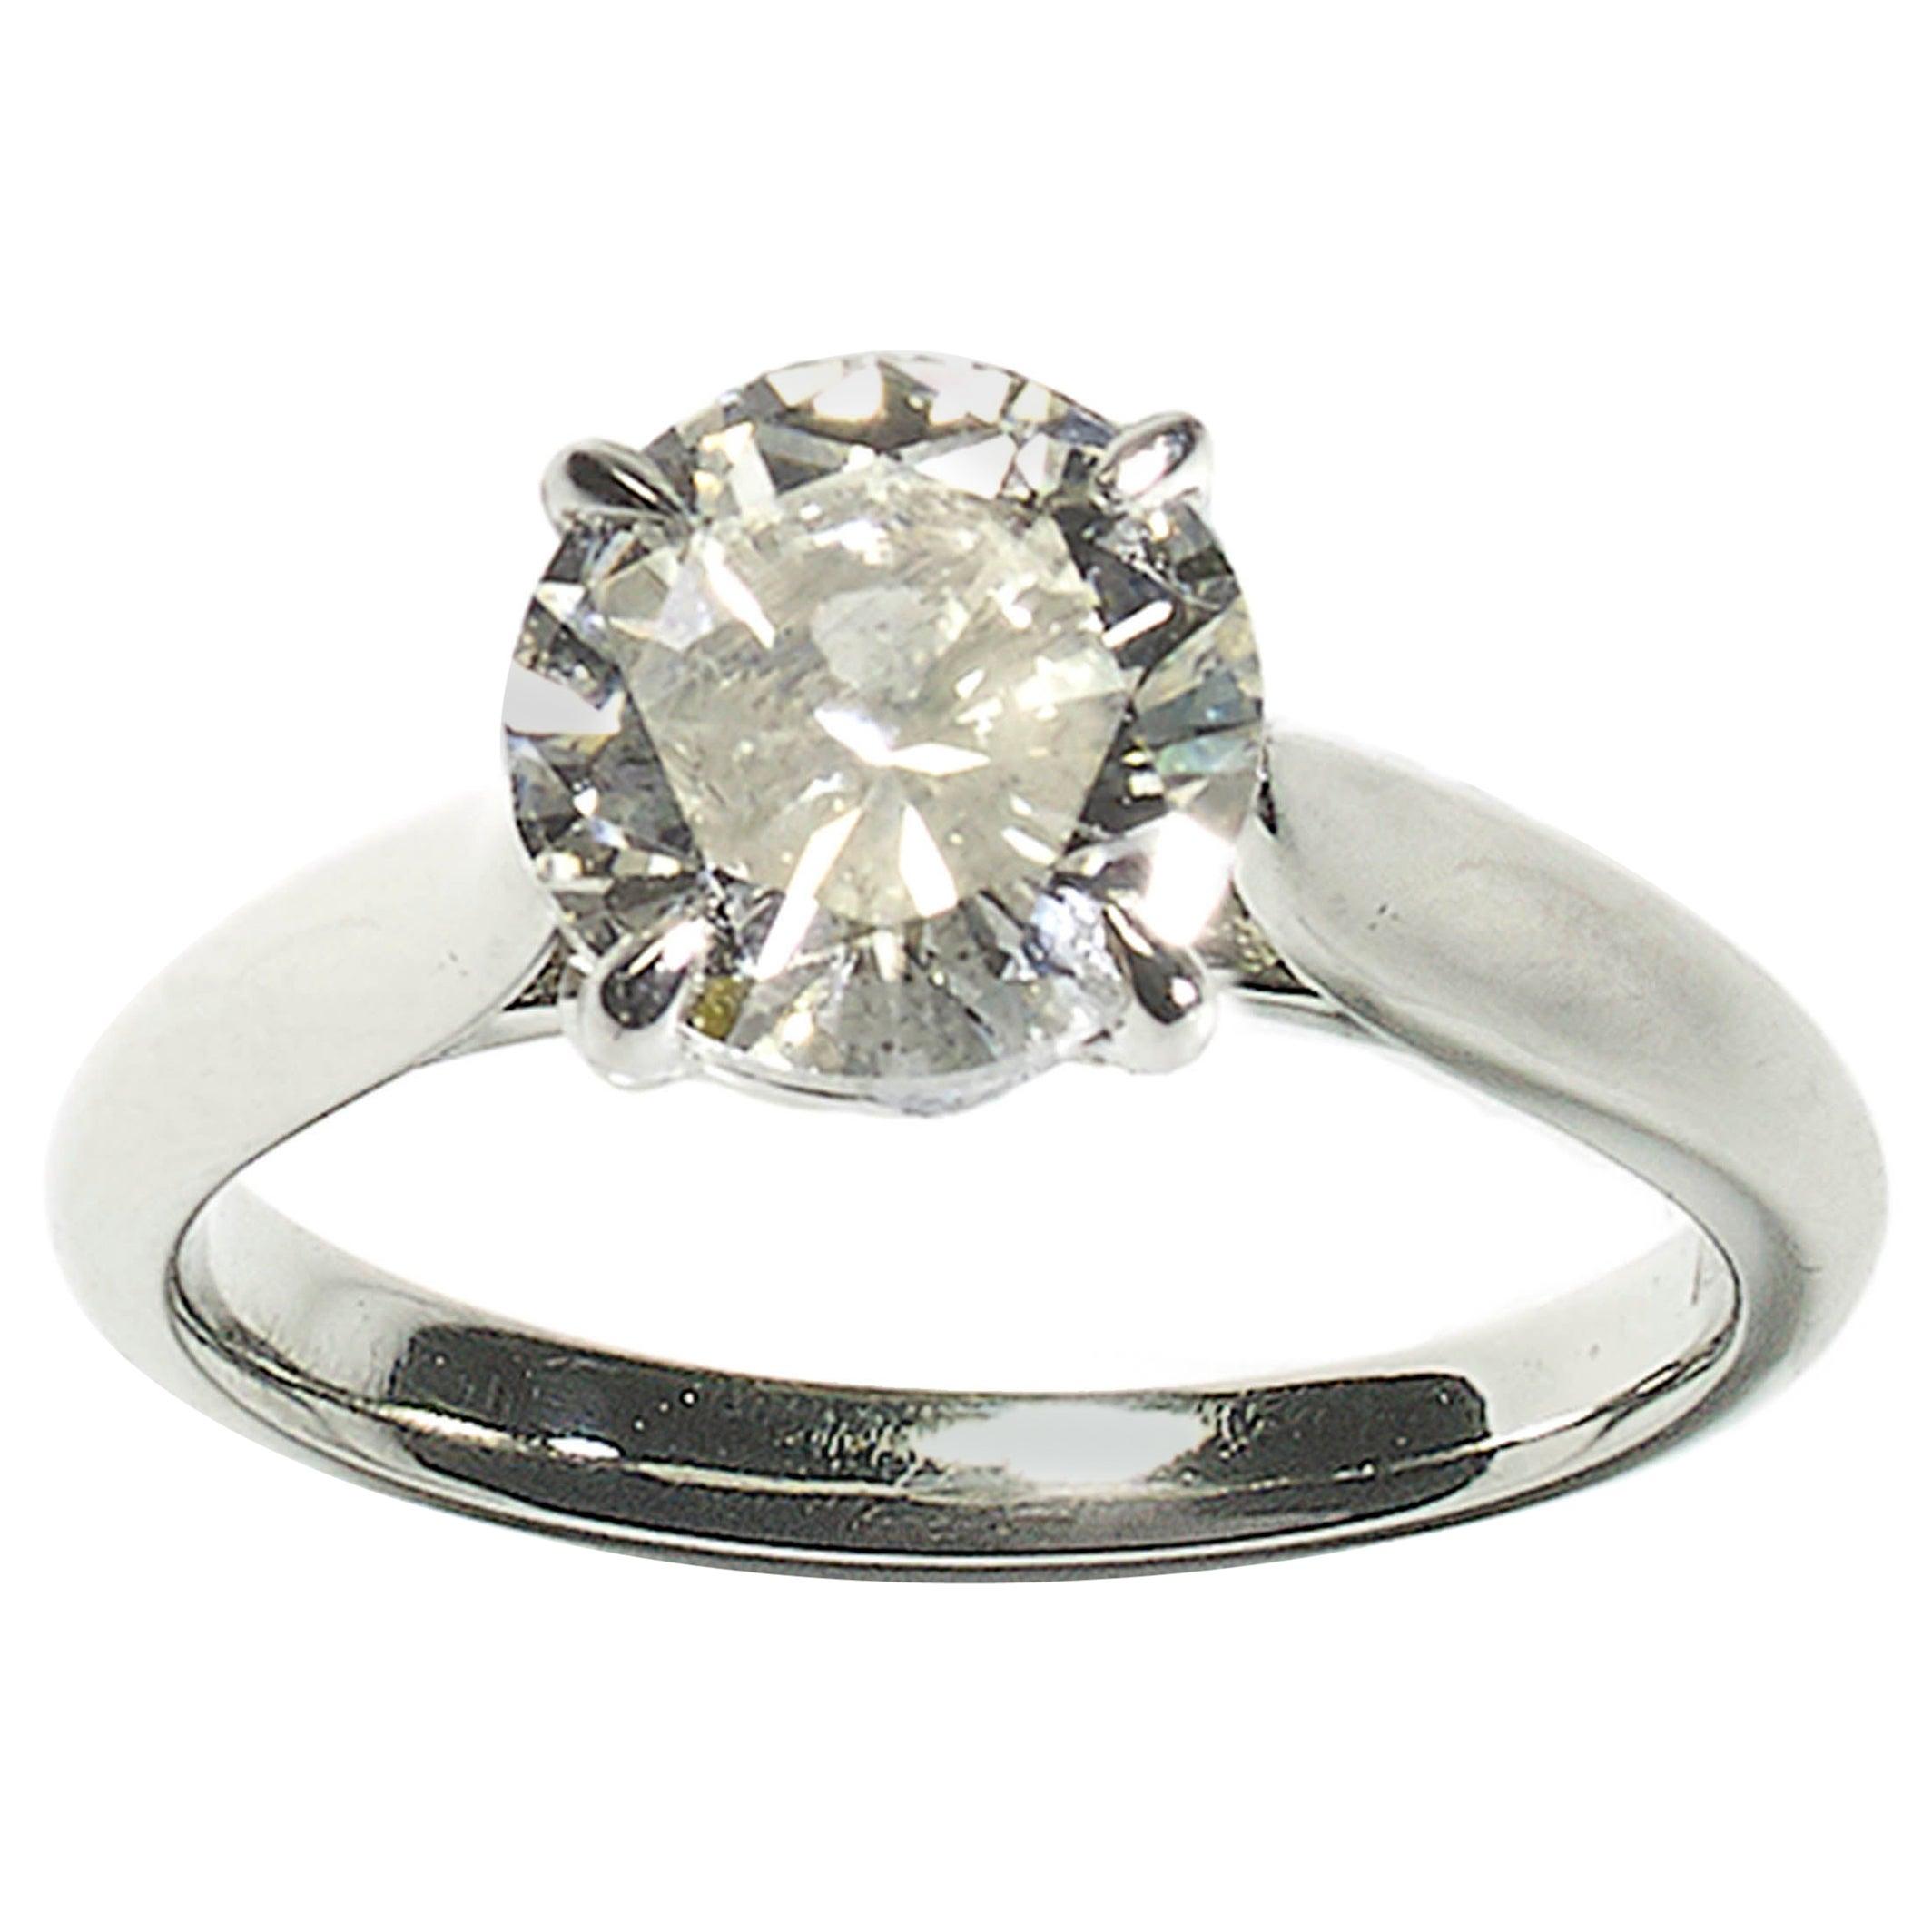 Solitaire Brilliant Cut Diamond and Platinum Ring 2.00 Carat